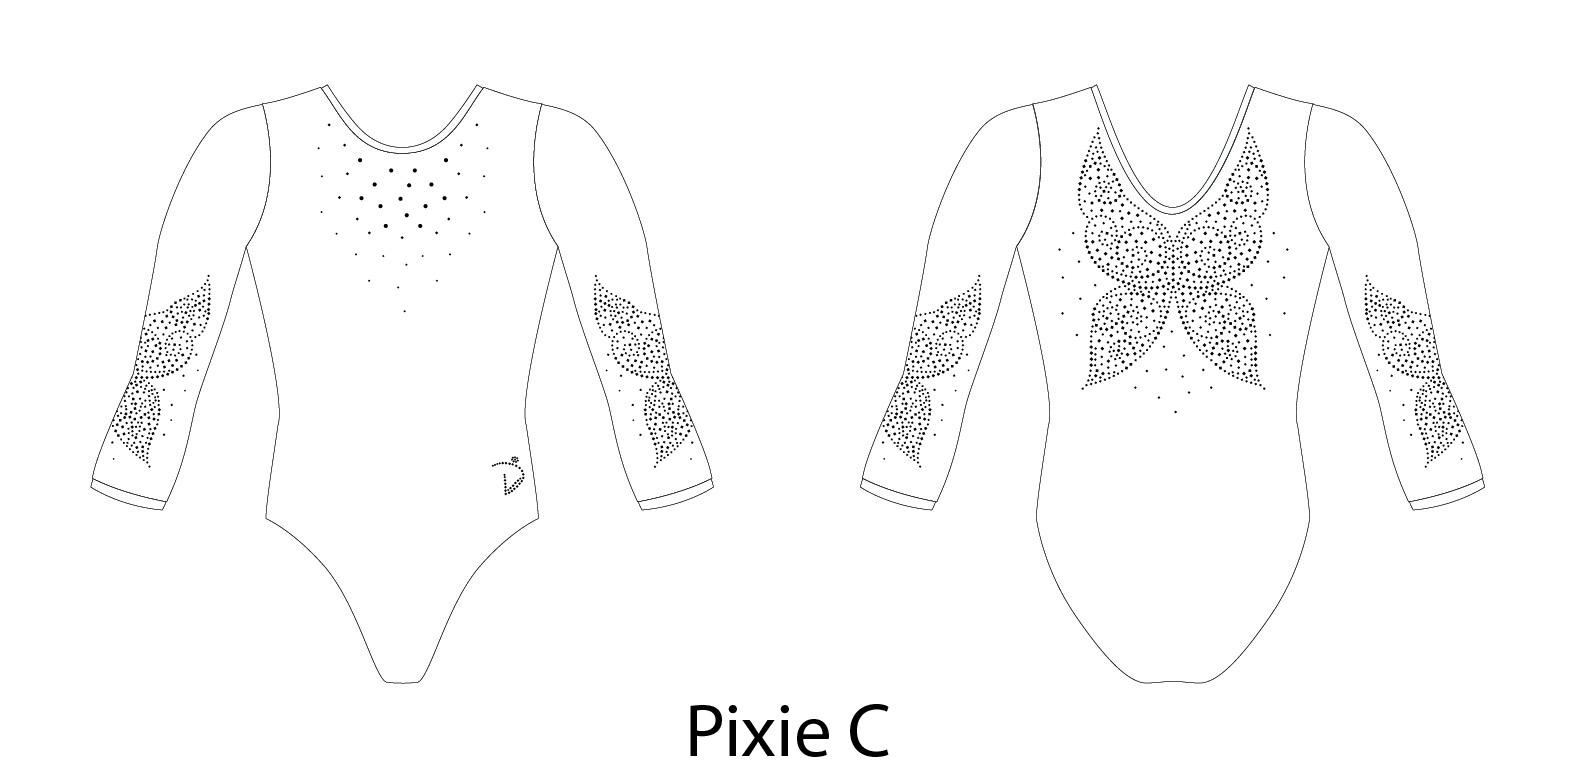 Pixie C